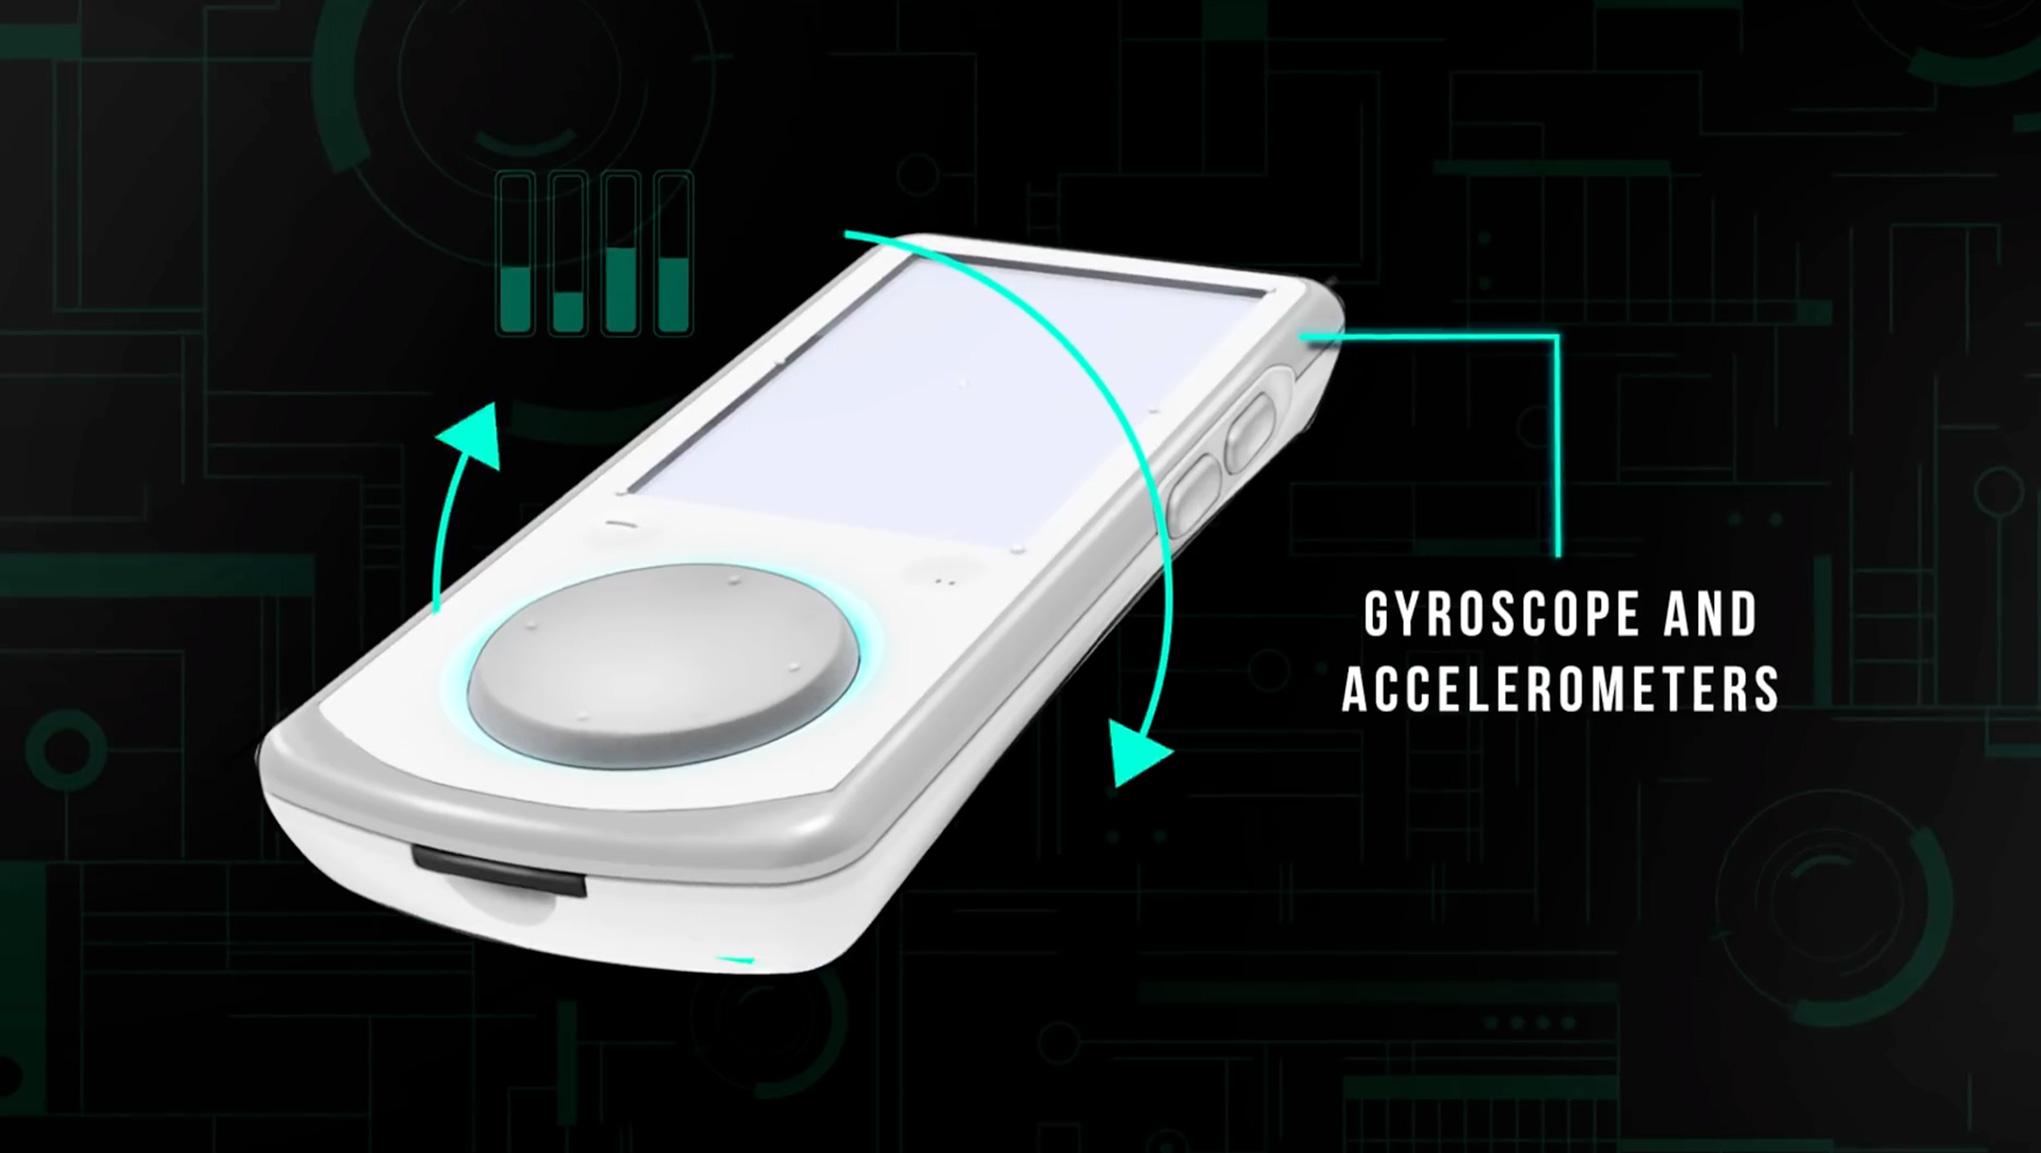 Spielen scheinbar eine wichtige Rolle im Konsolen-Konzept: die mit Analog-Knubbel, Touchscreen, Rumble-Funktion und Bewegungs-Sensitivität ausgestatteten Controller.